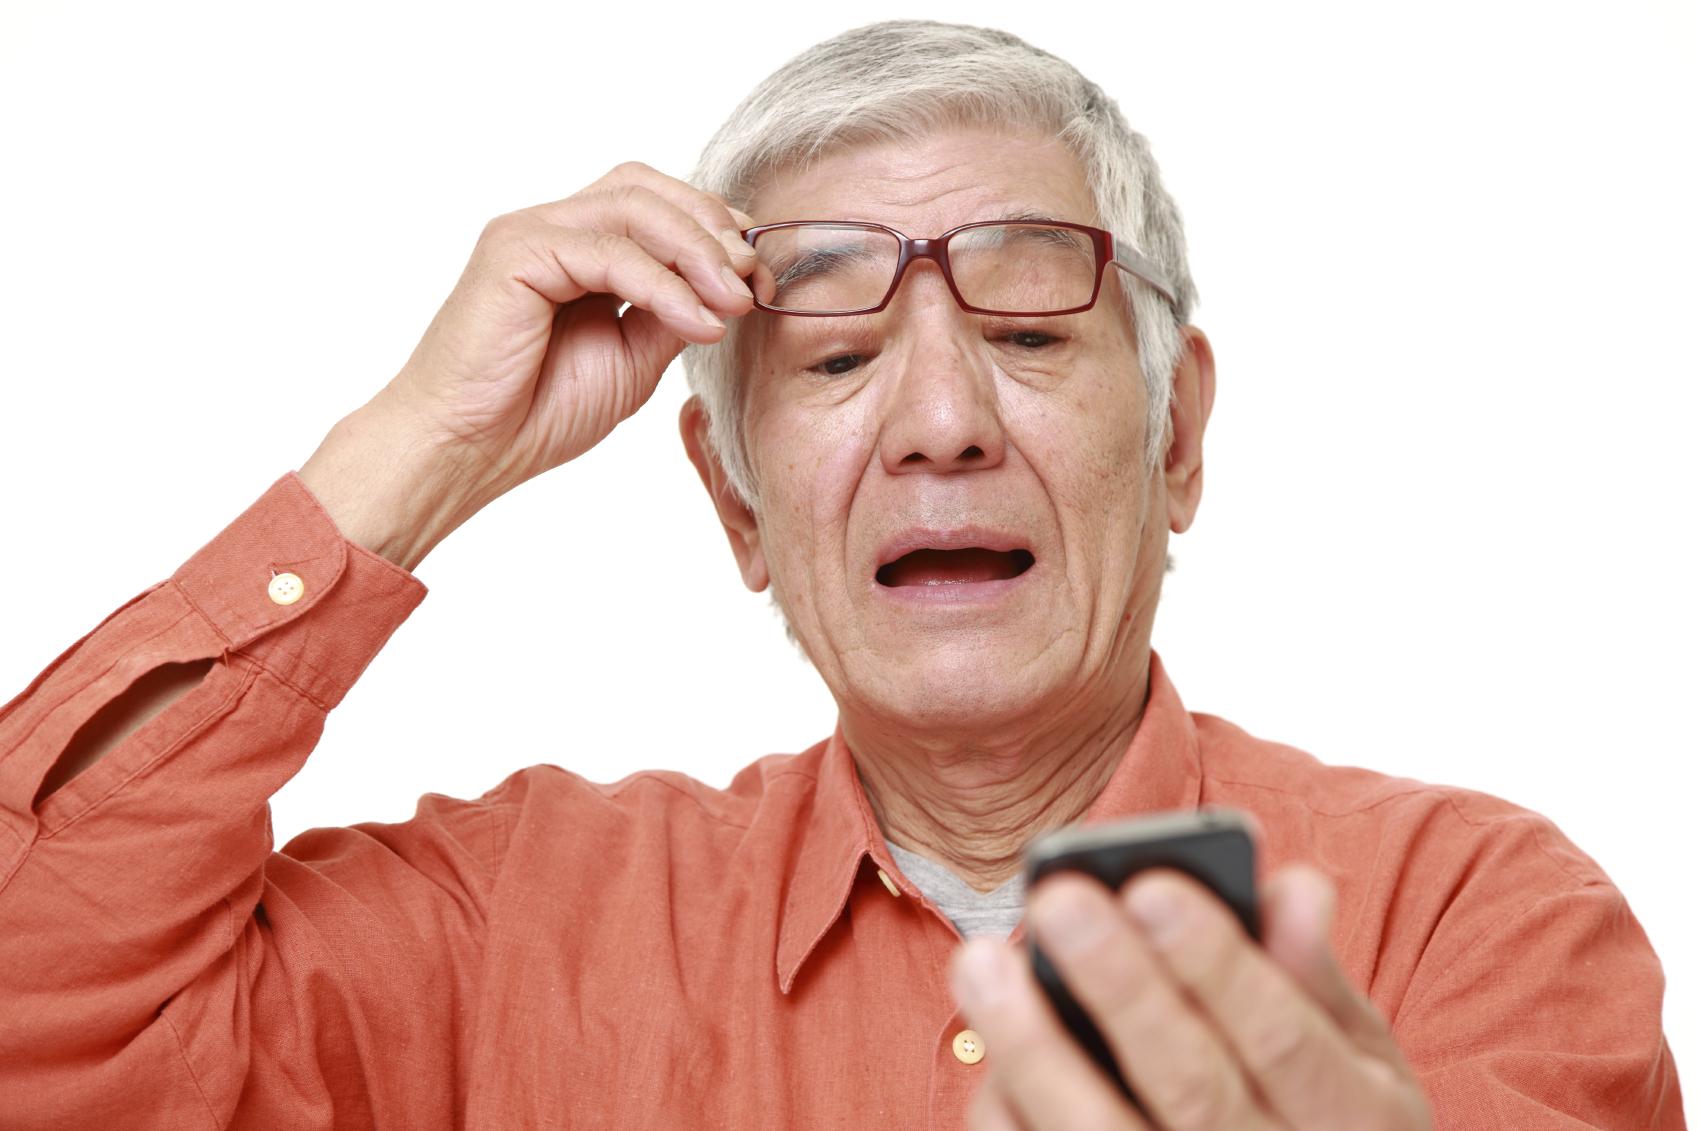 hogyan lehet javítani a látásomat szemek hyperopia